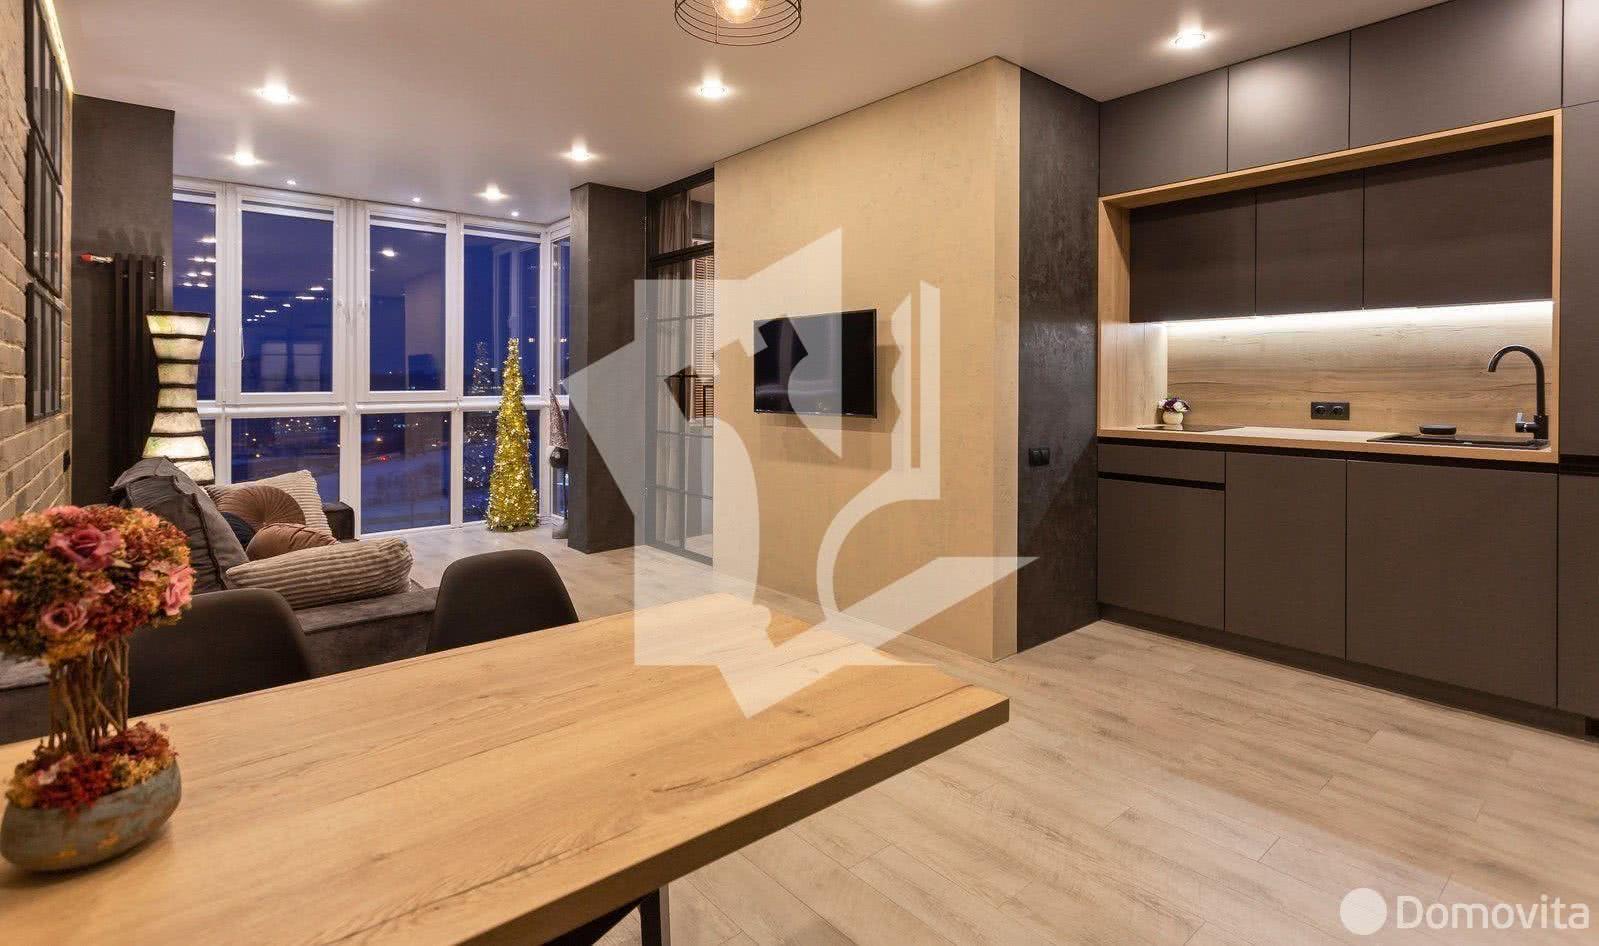 Снять 2-комнатную квартиру в Минске, ул. Тимирязева, д. 10 - фото 5